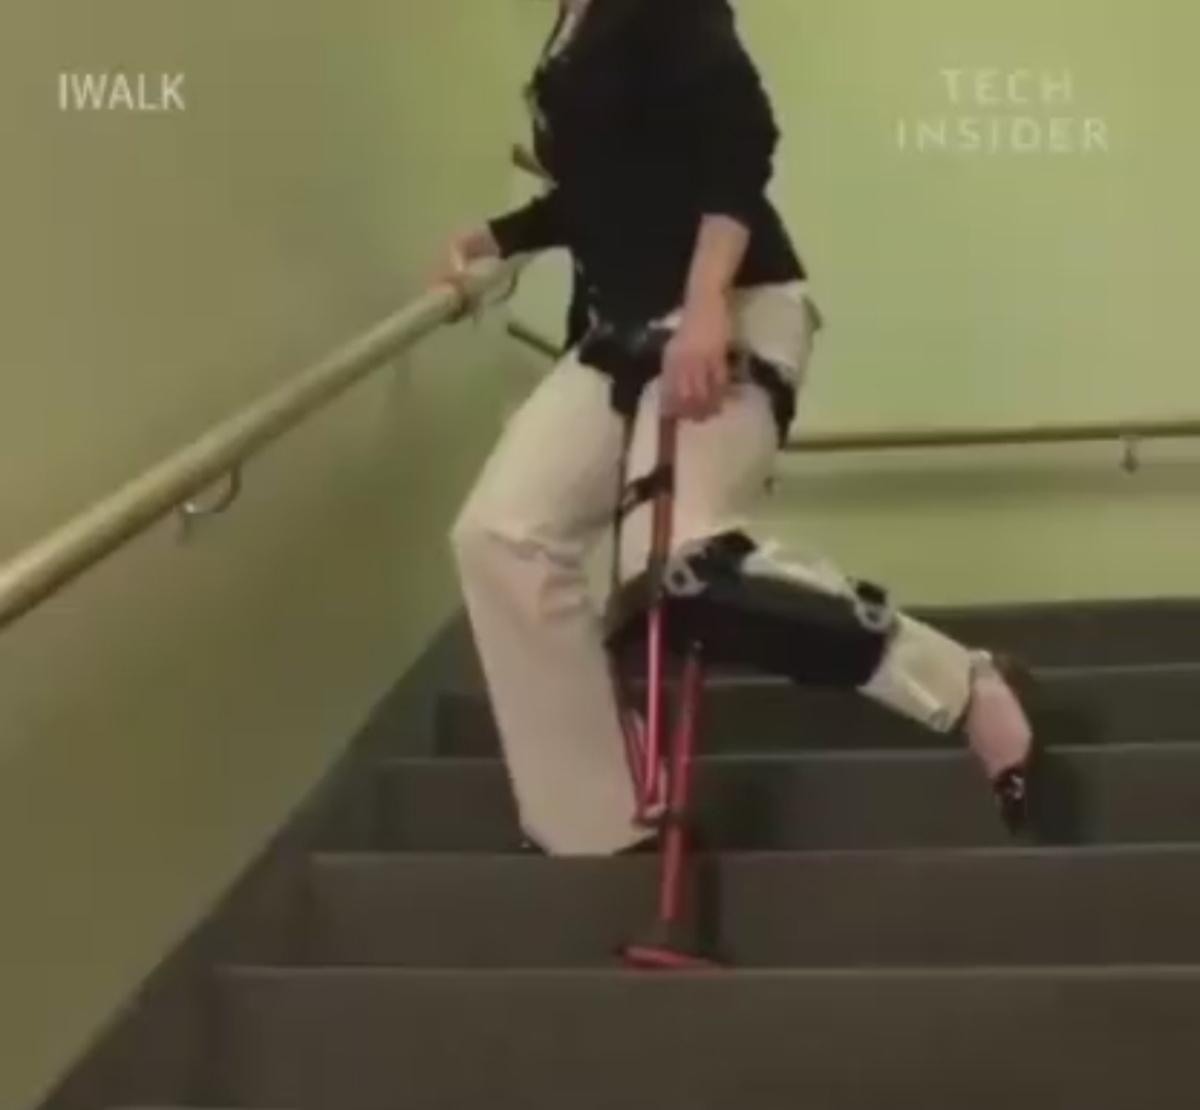 عصای بدون نیاز استفاده از دست! + ویدئو